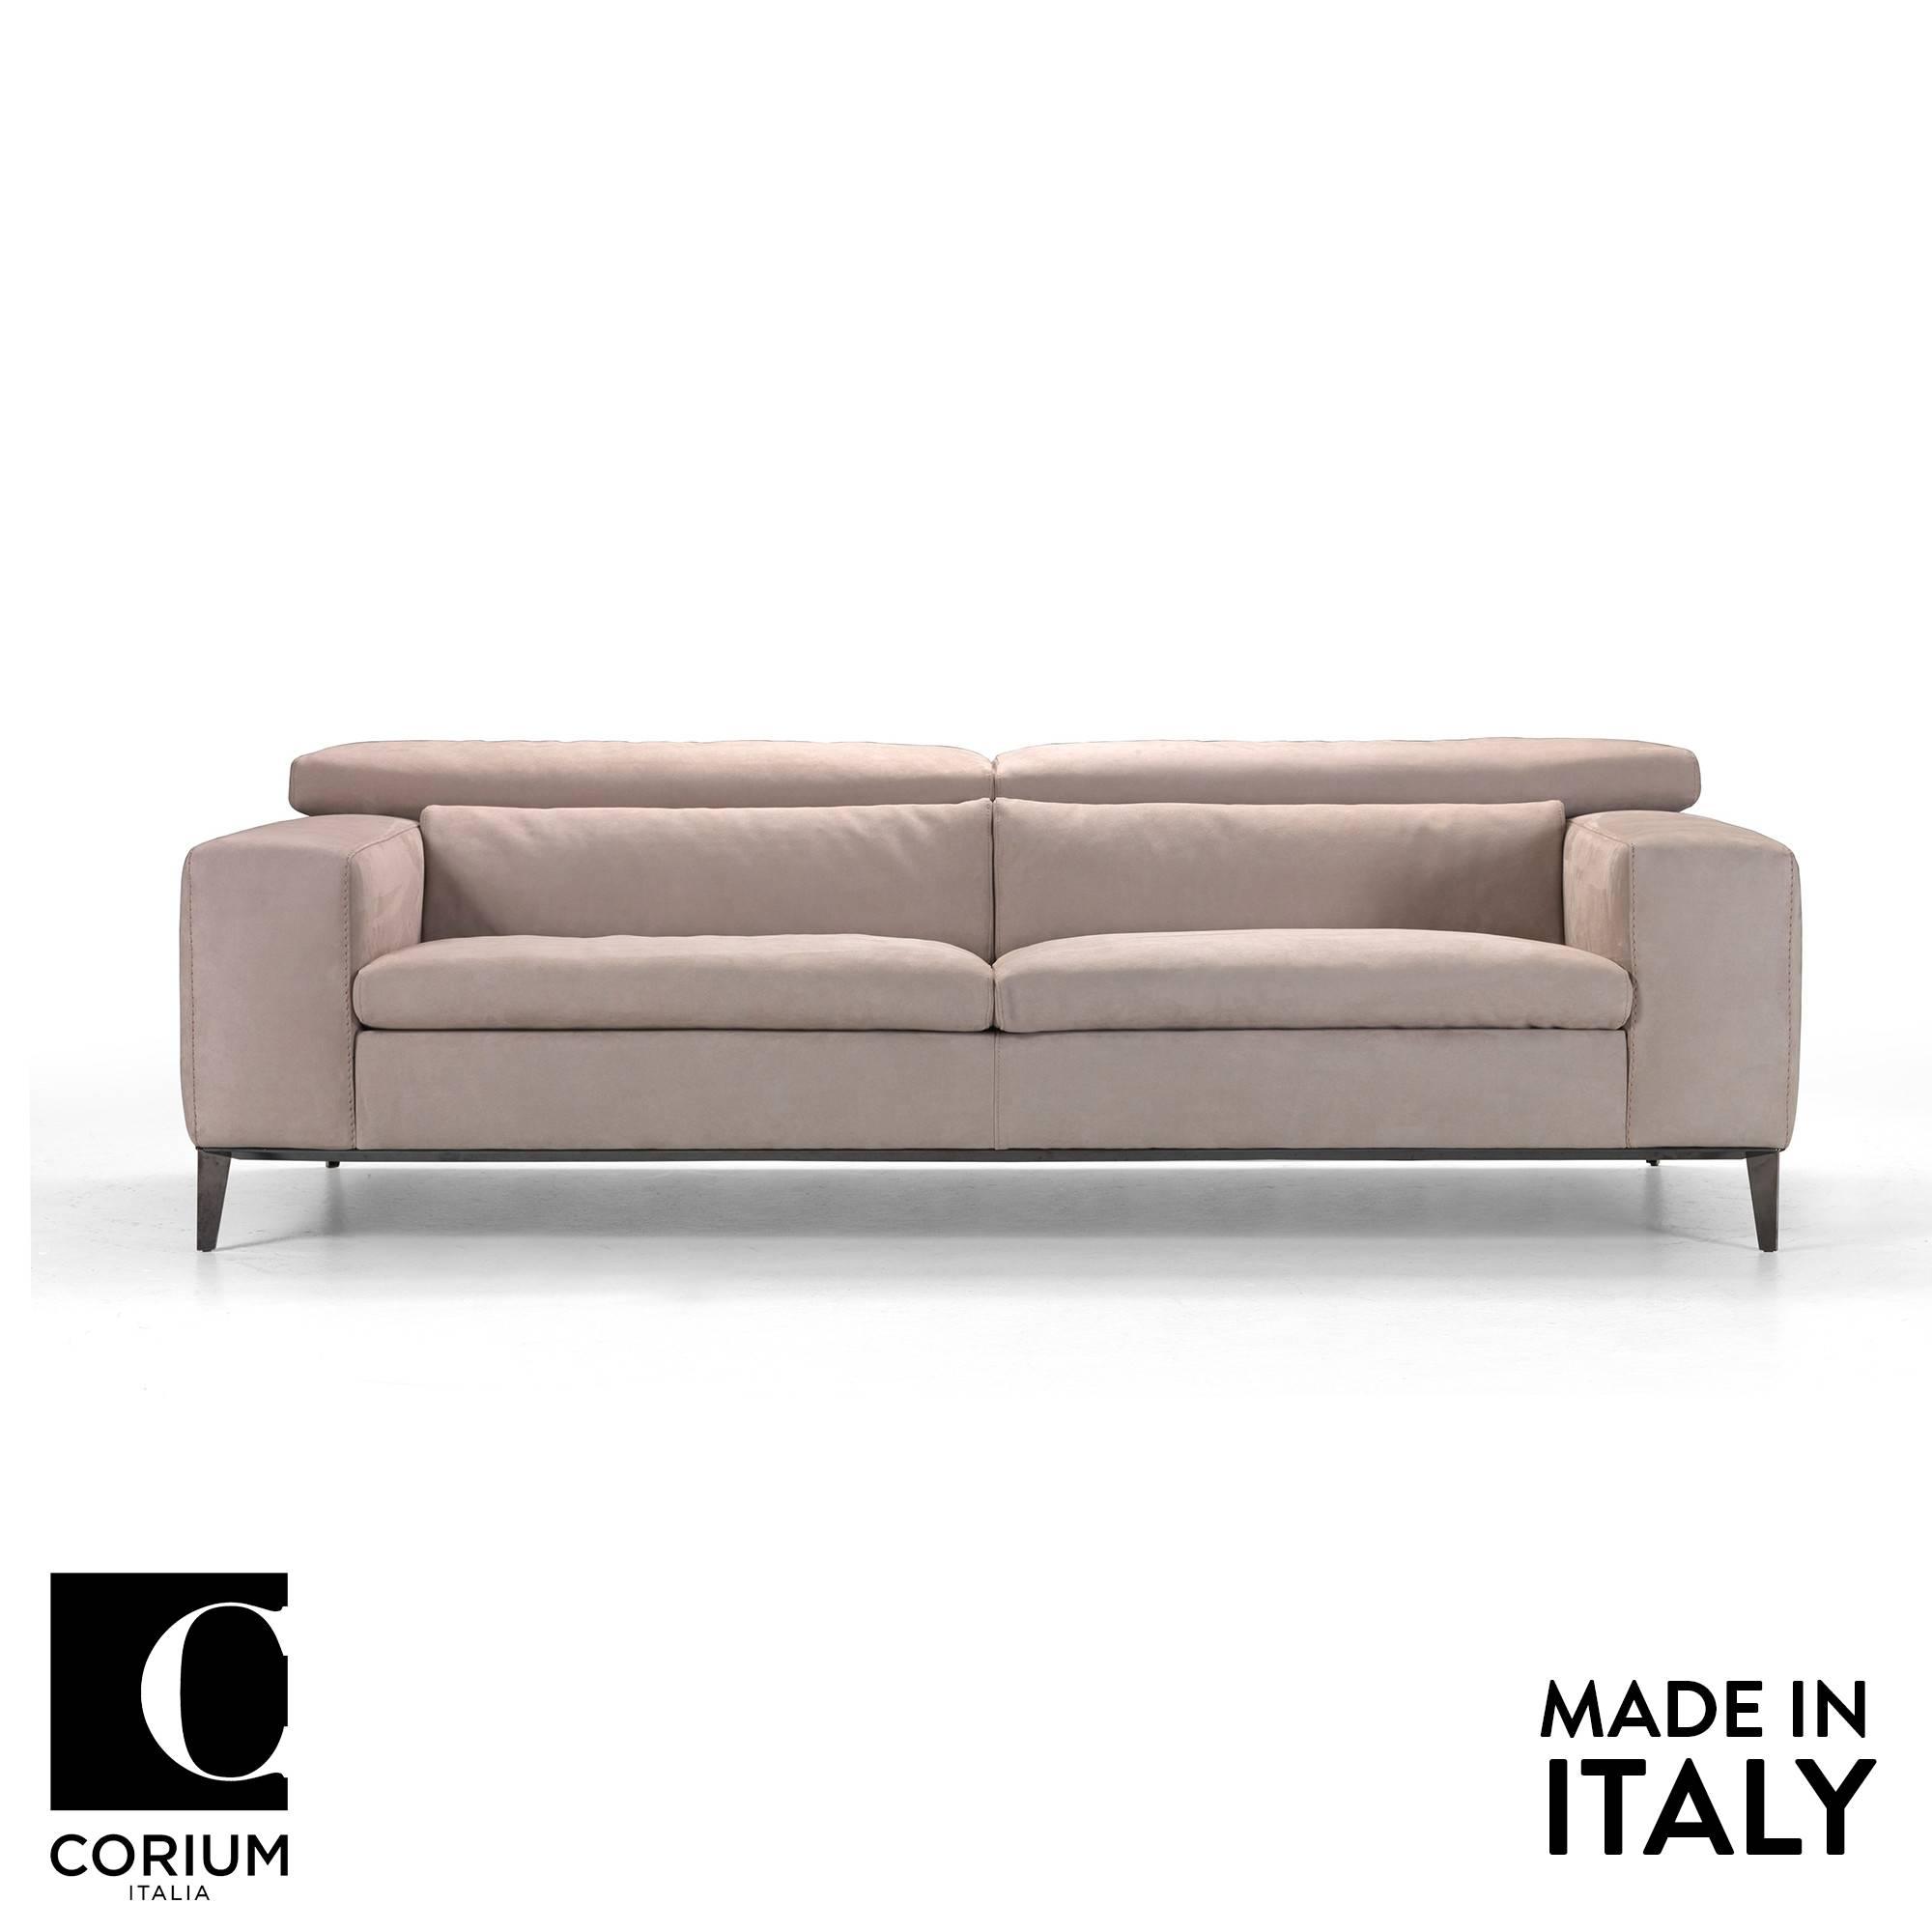 Koinor Sofa Review